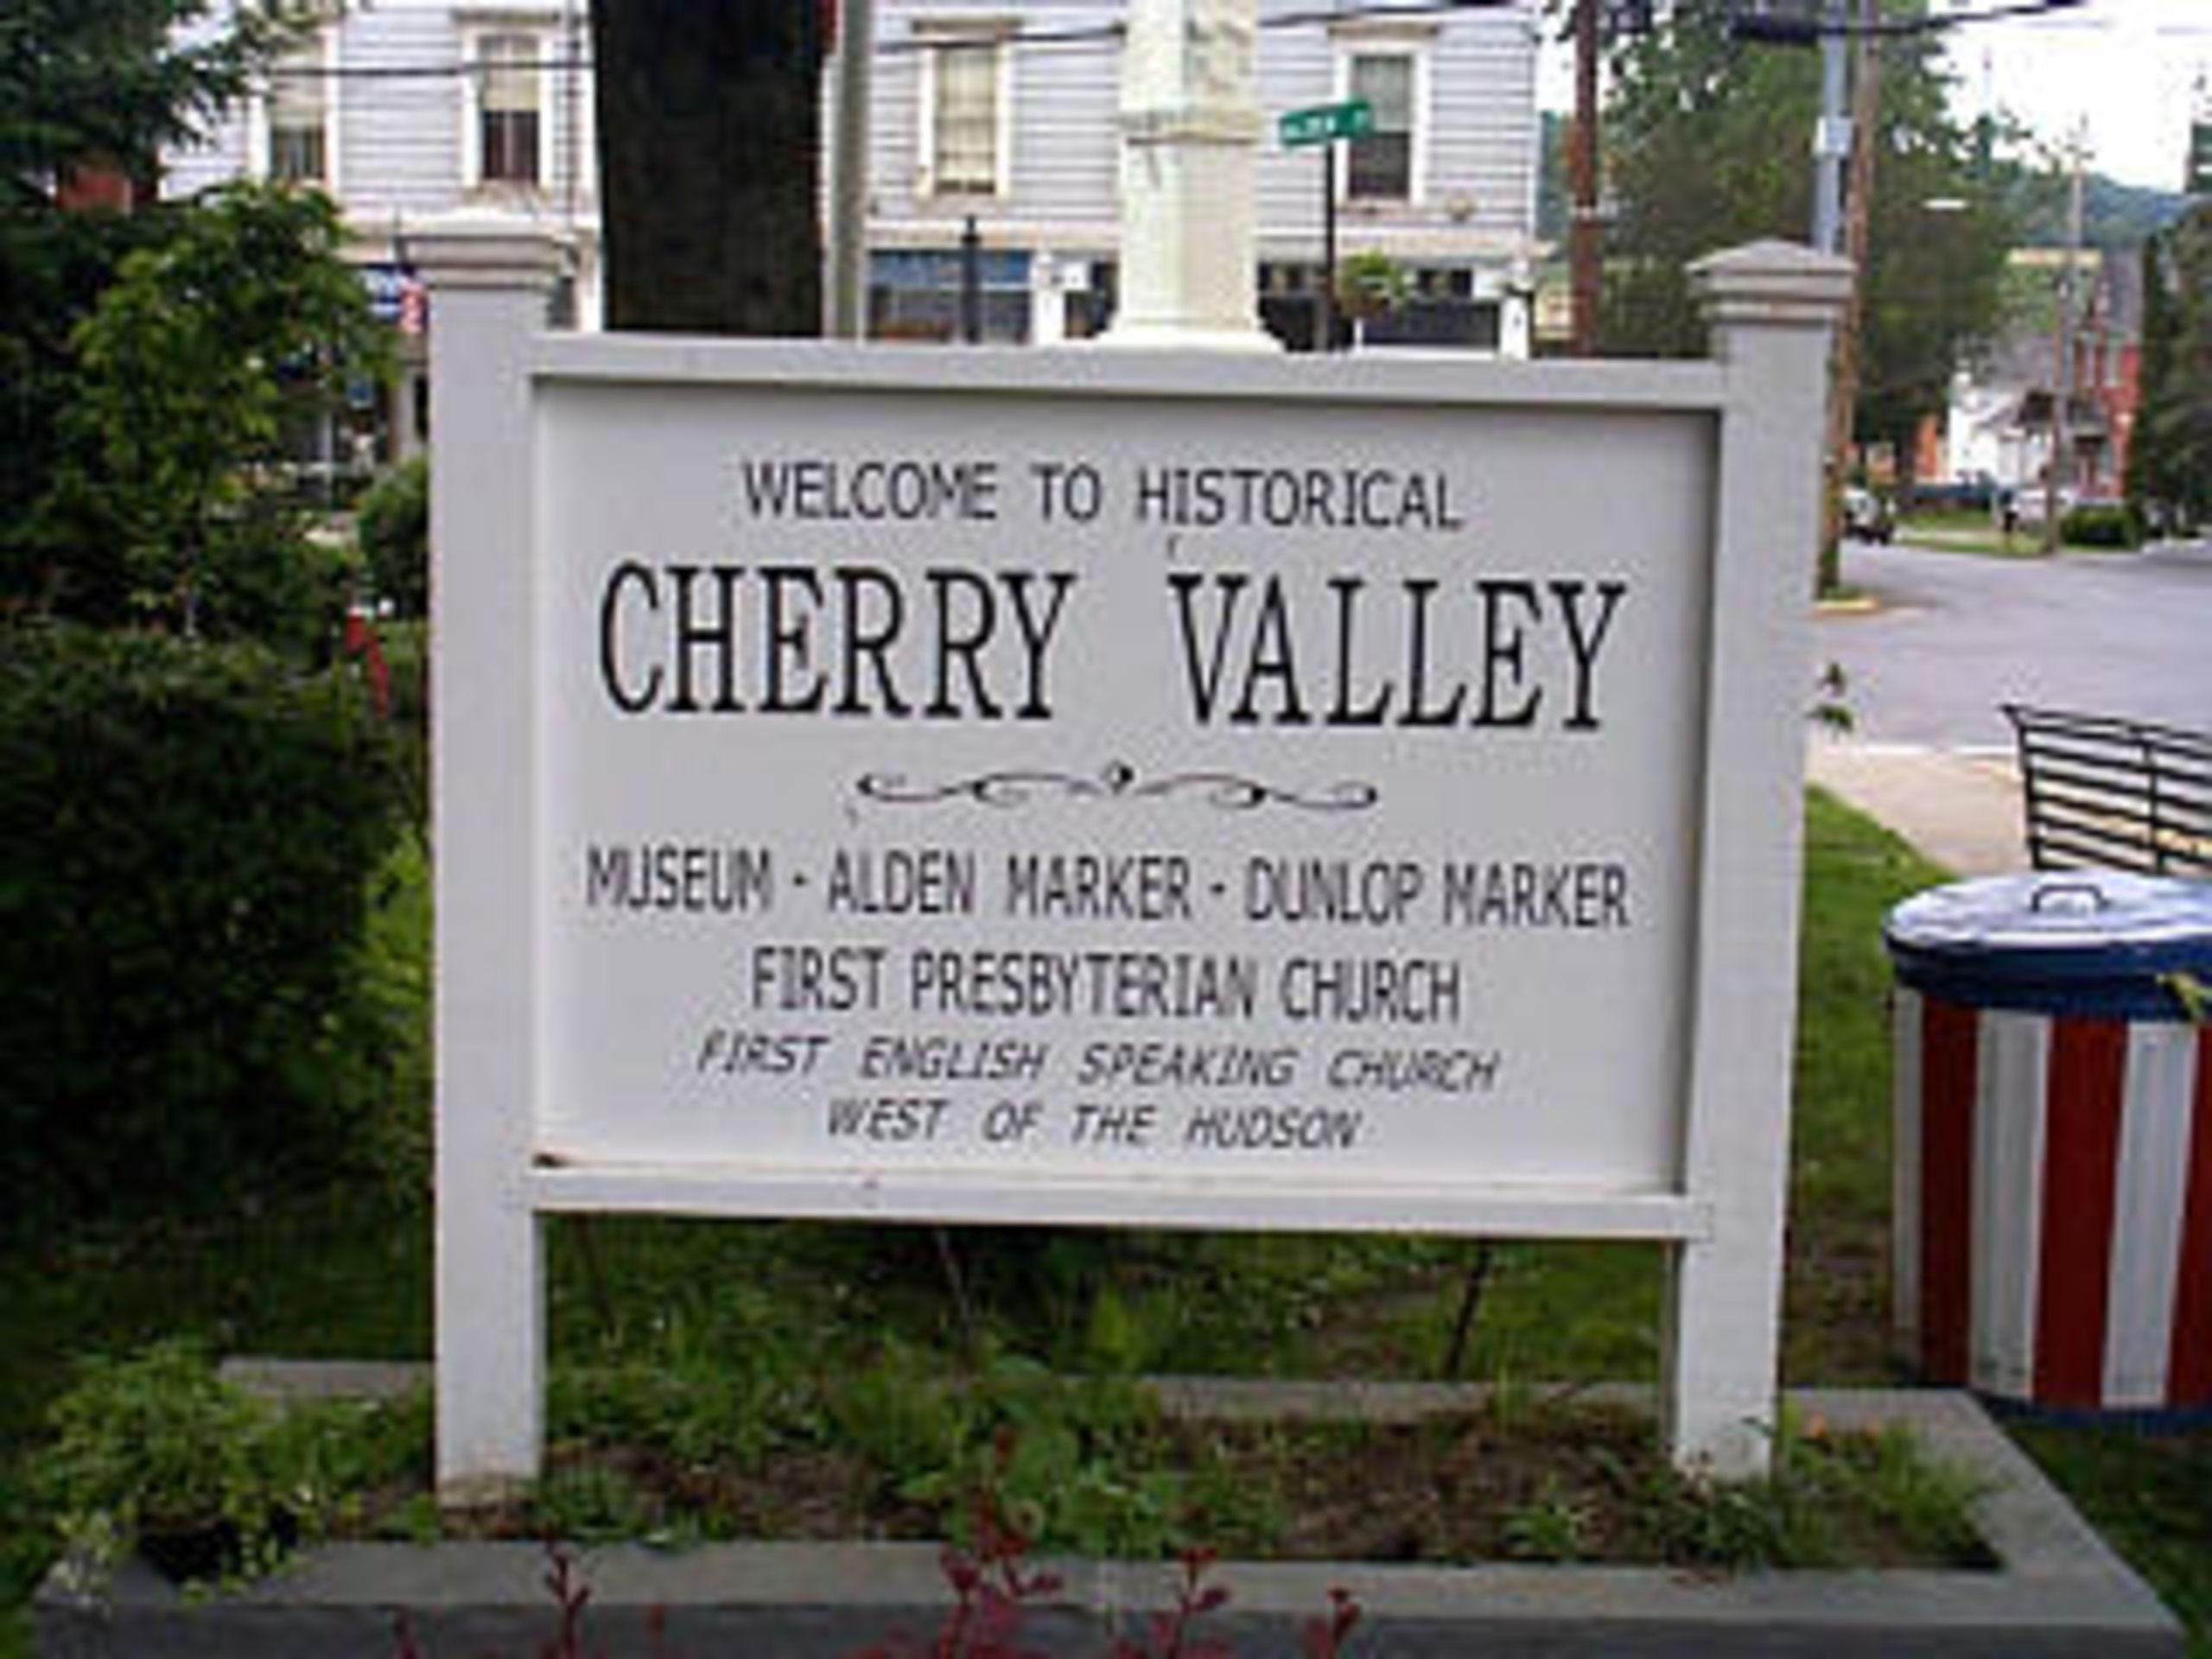 Historical Cherry Valley Village